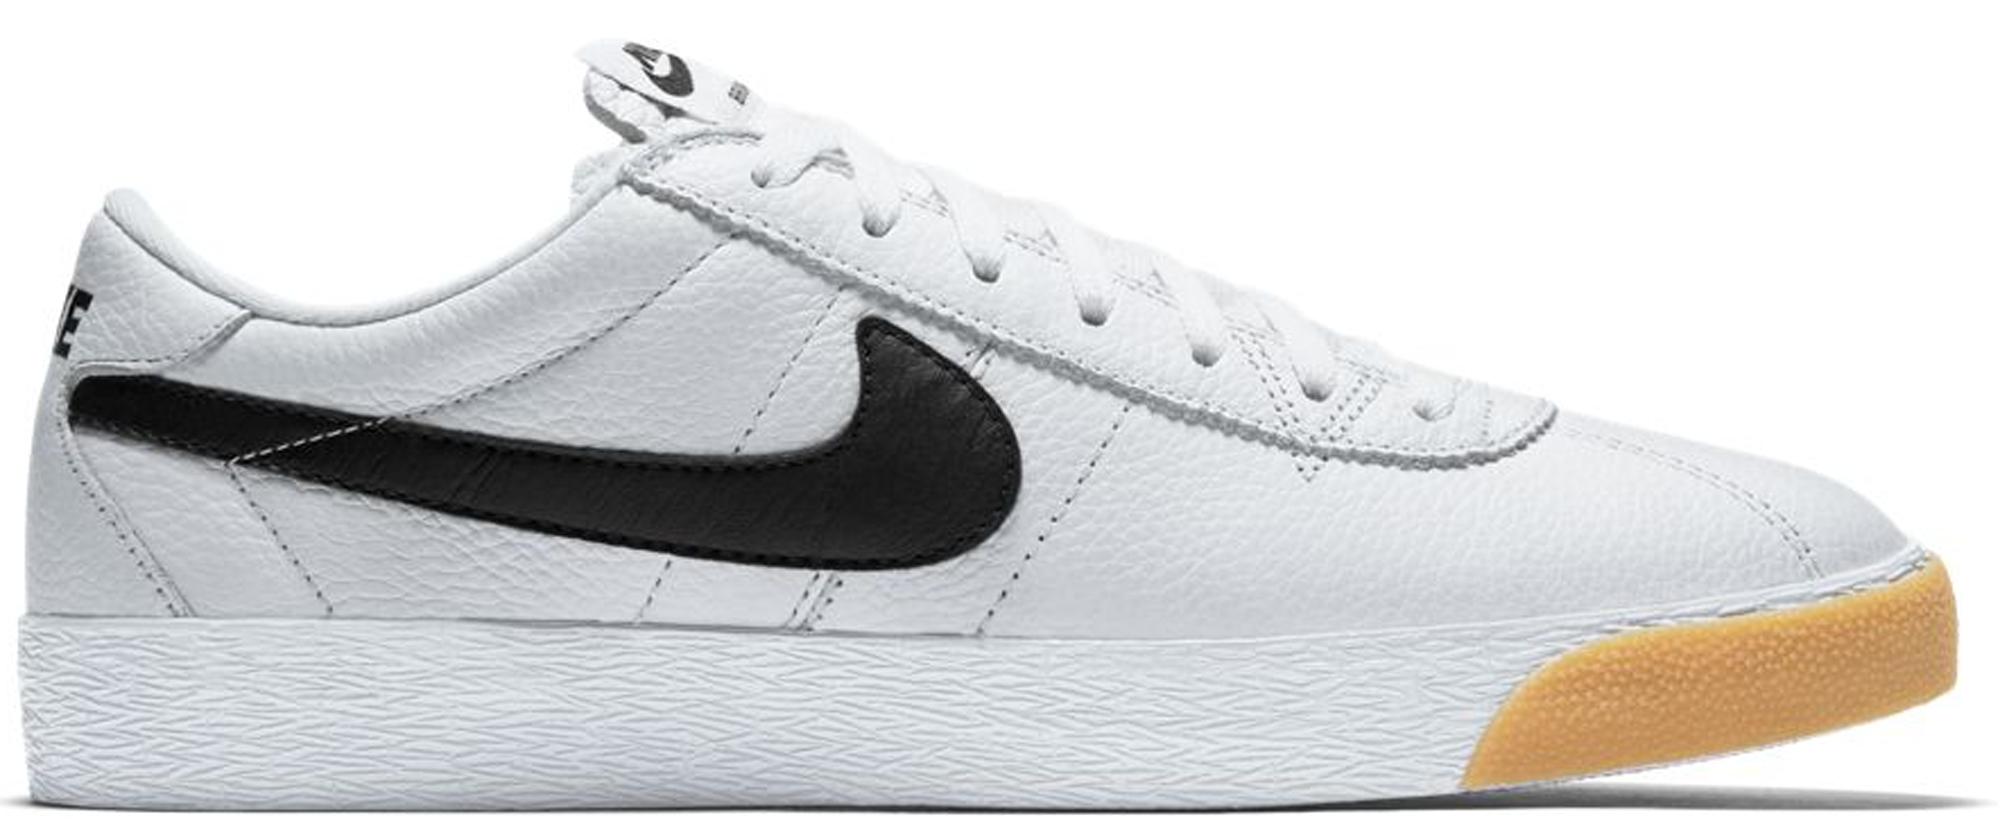 Nike SB Bruin White Black Gum - 877045-101